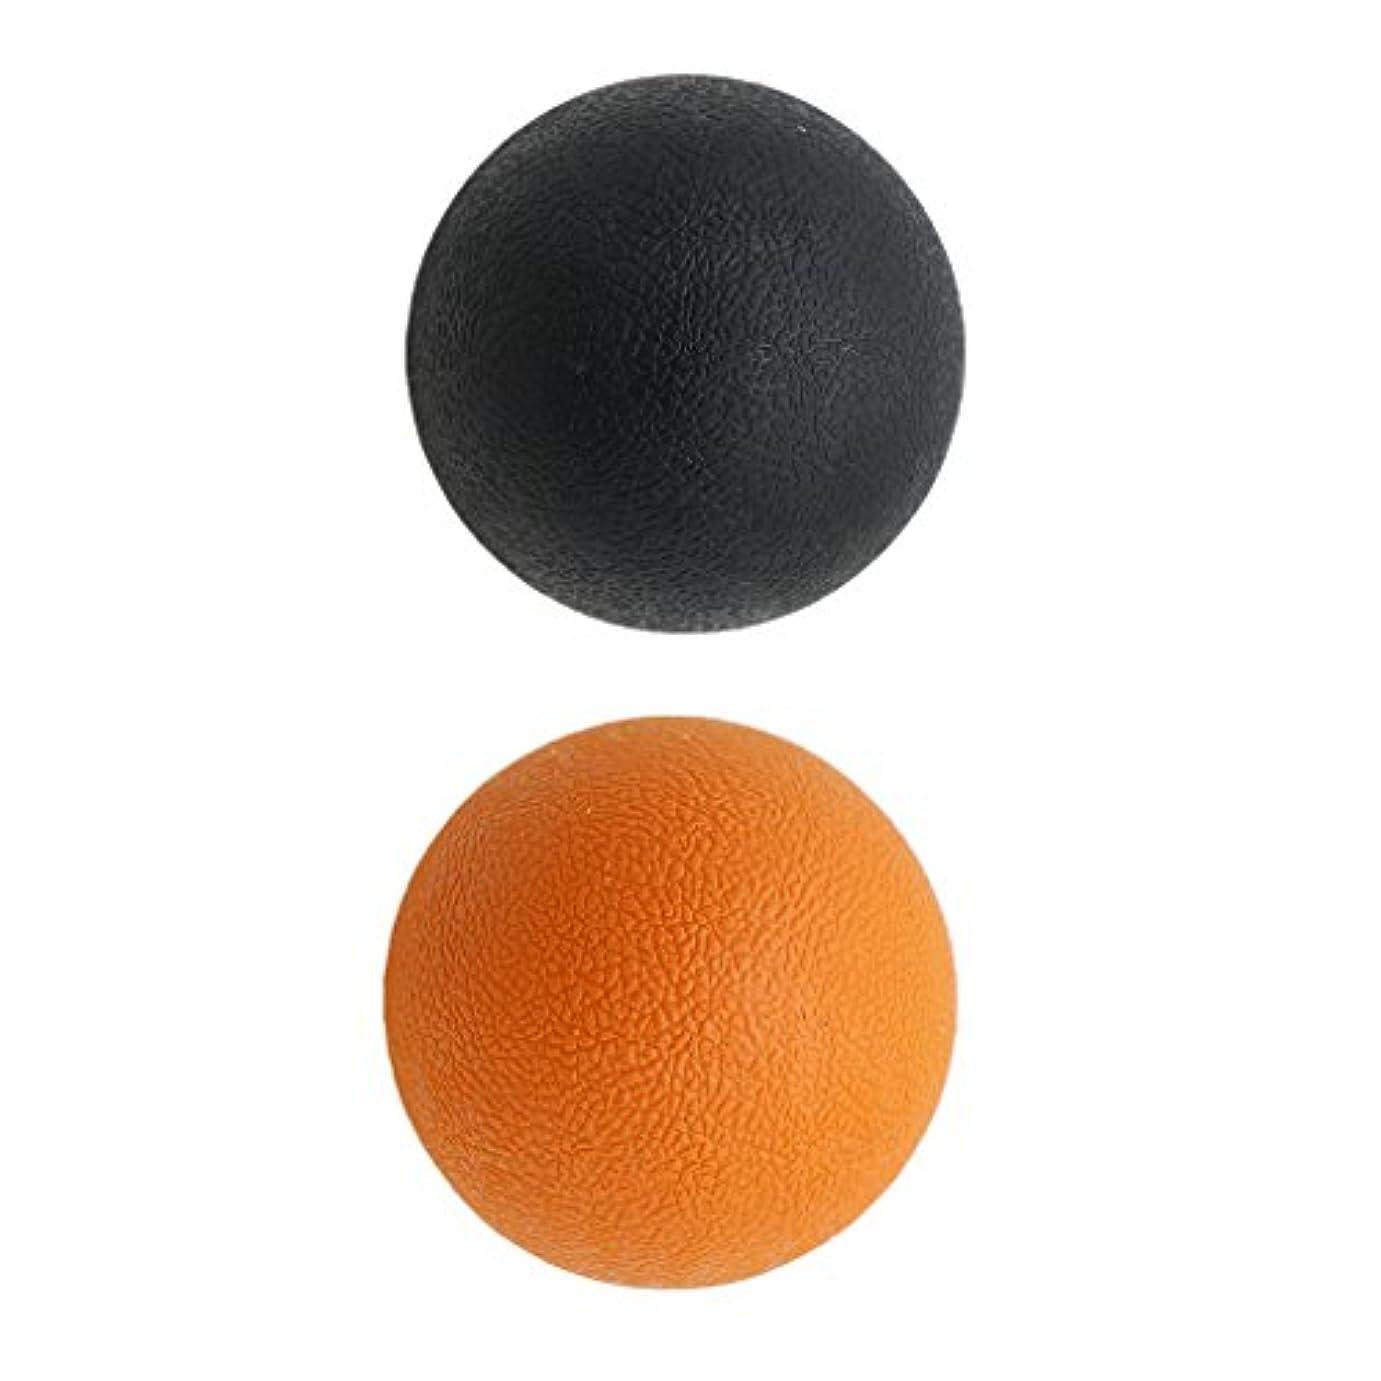 文献ヘルパーおじさんKesoto 2個 マッサージボール ラクロスボール 背部 トリガ ポイント マッサージ 多色選べる - オレンジブラック